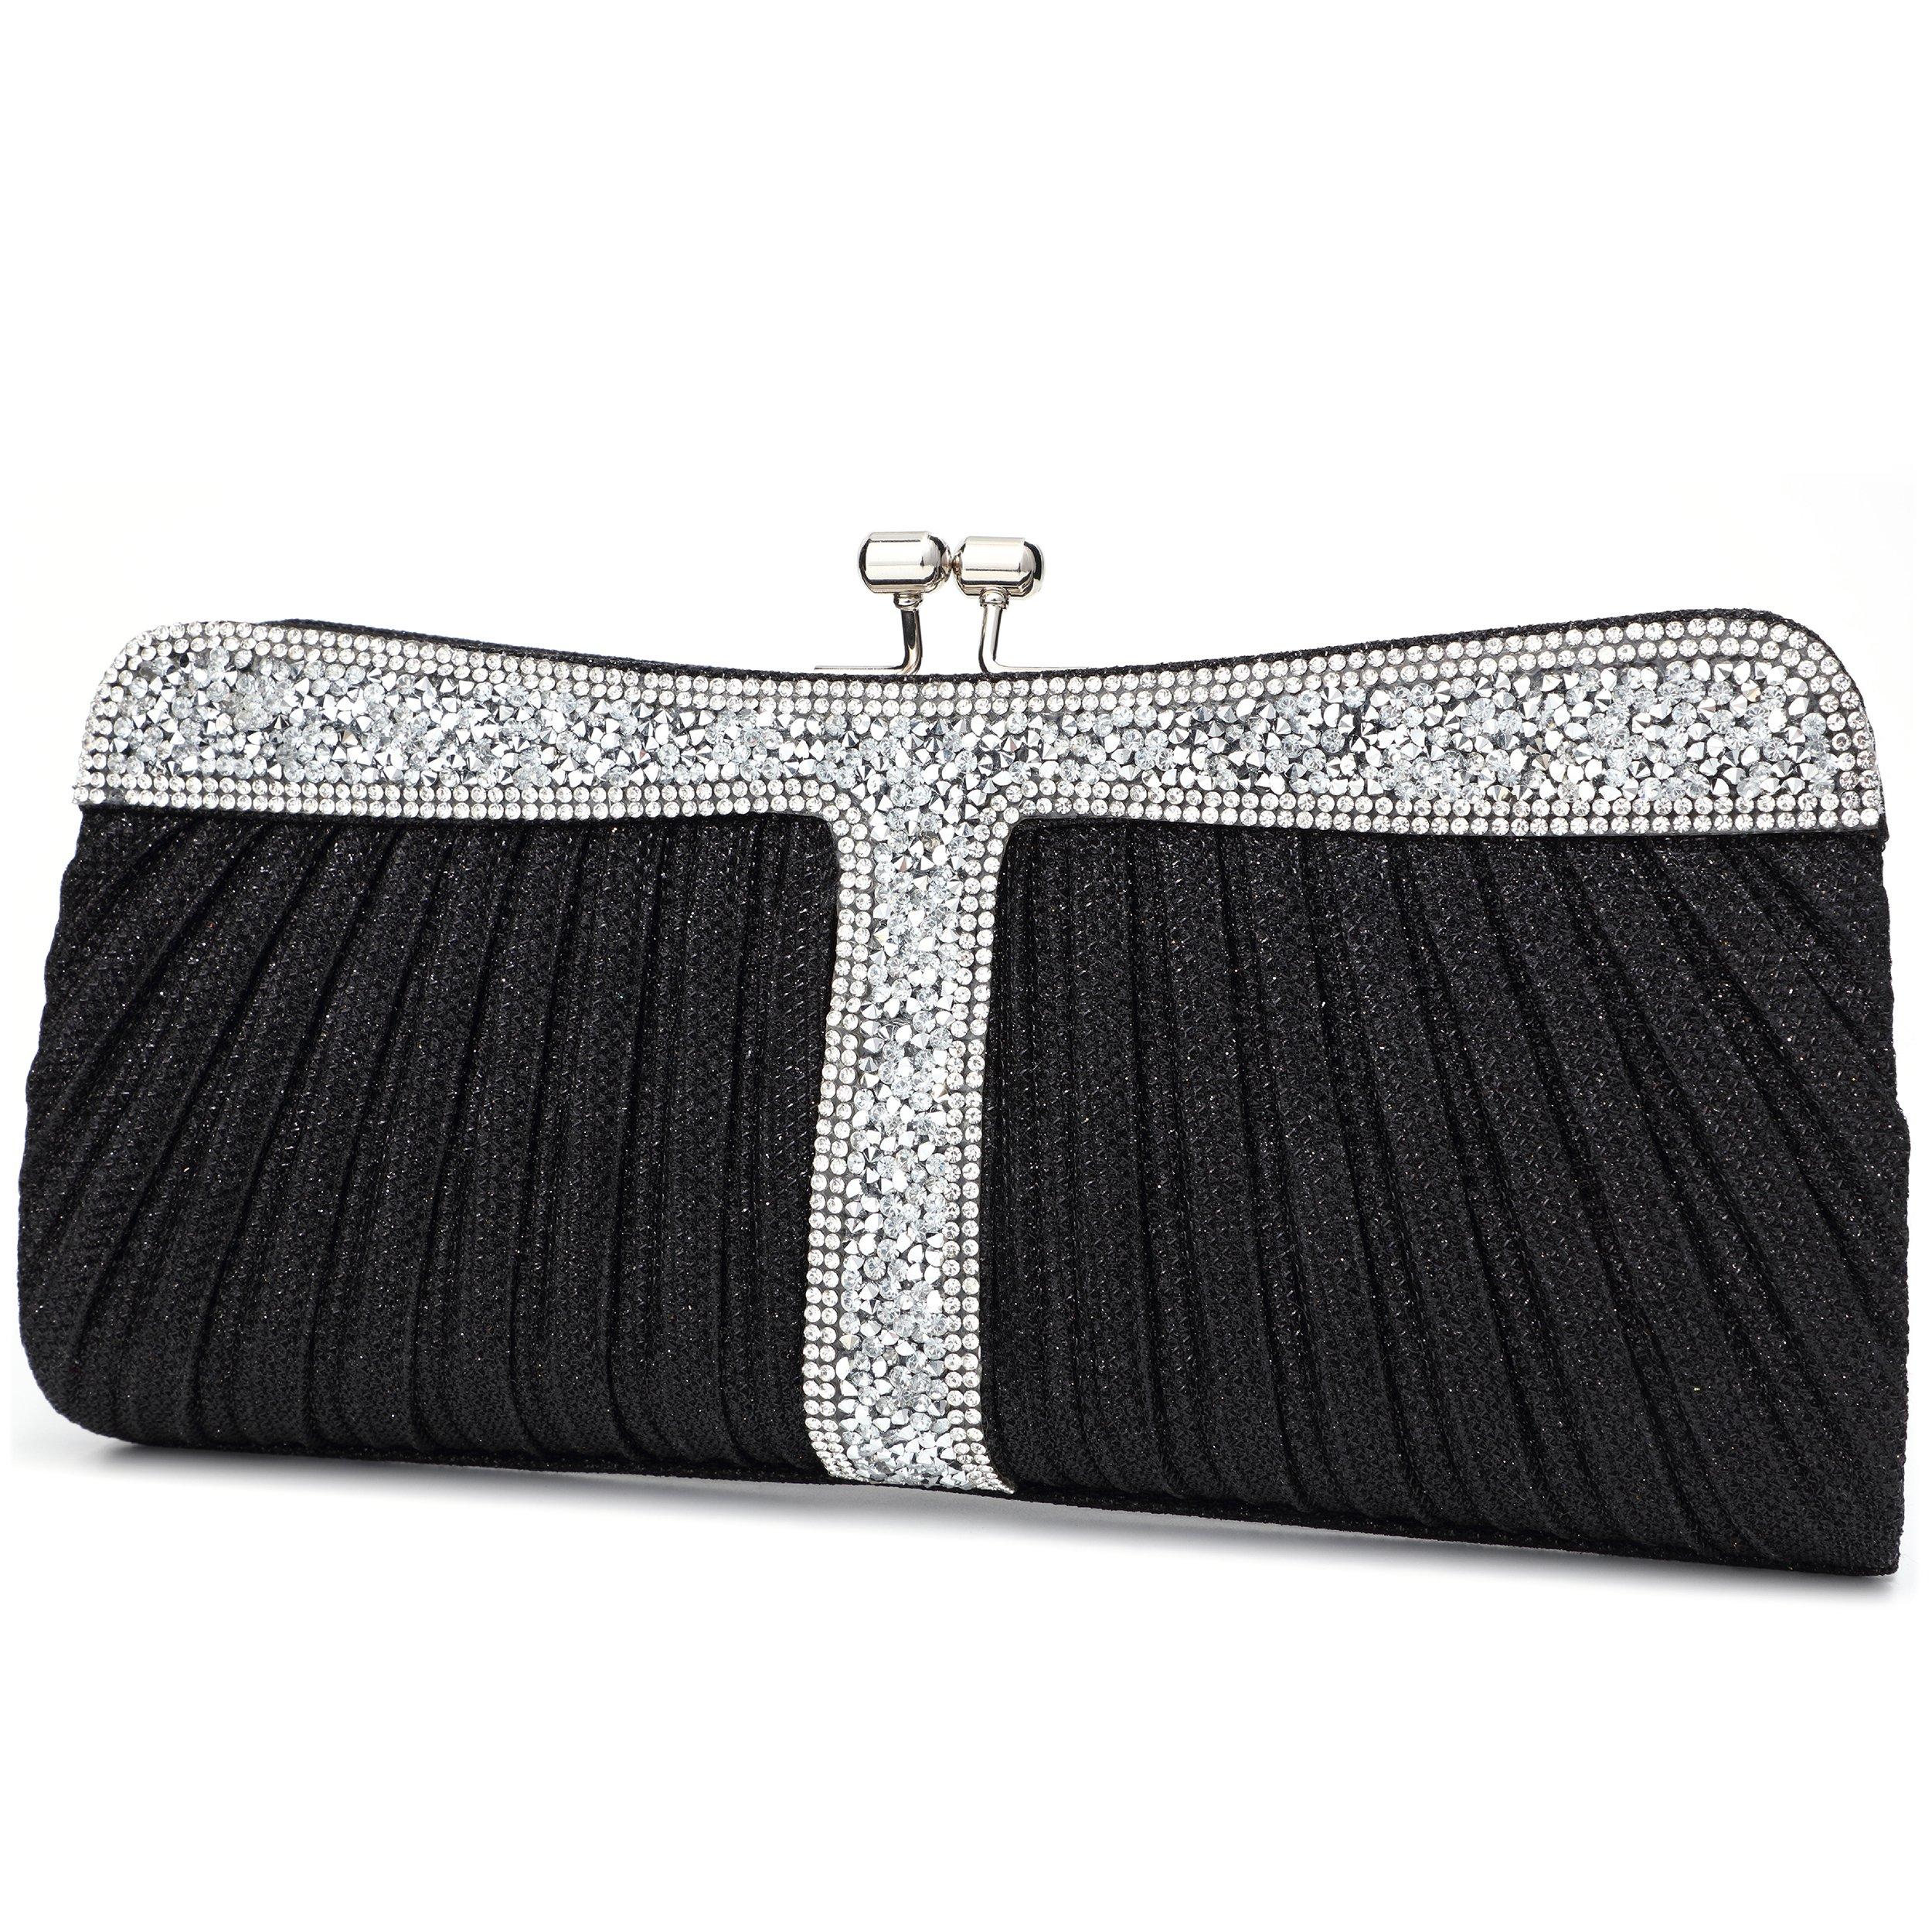 Yojoy Ladies Sparkling Rhinestone Wedding Evening Party Clutch Handbag Purse Chain Shoulder Crossbody Bag (Black)